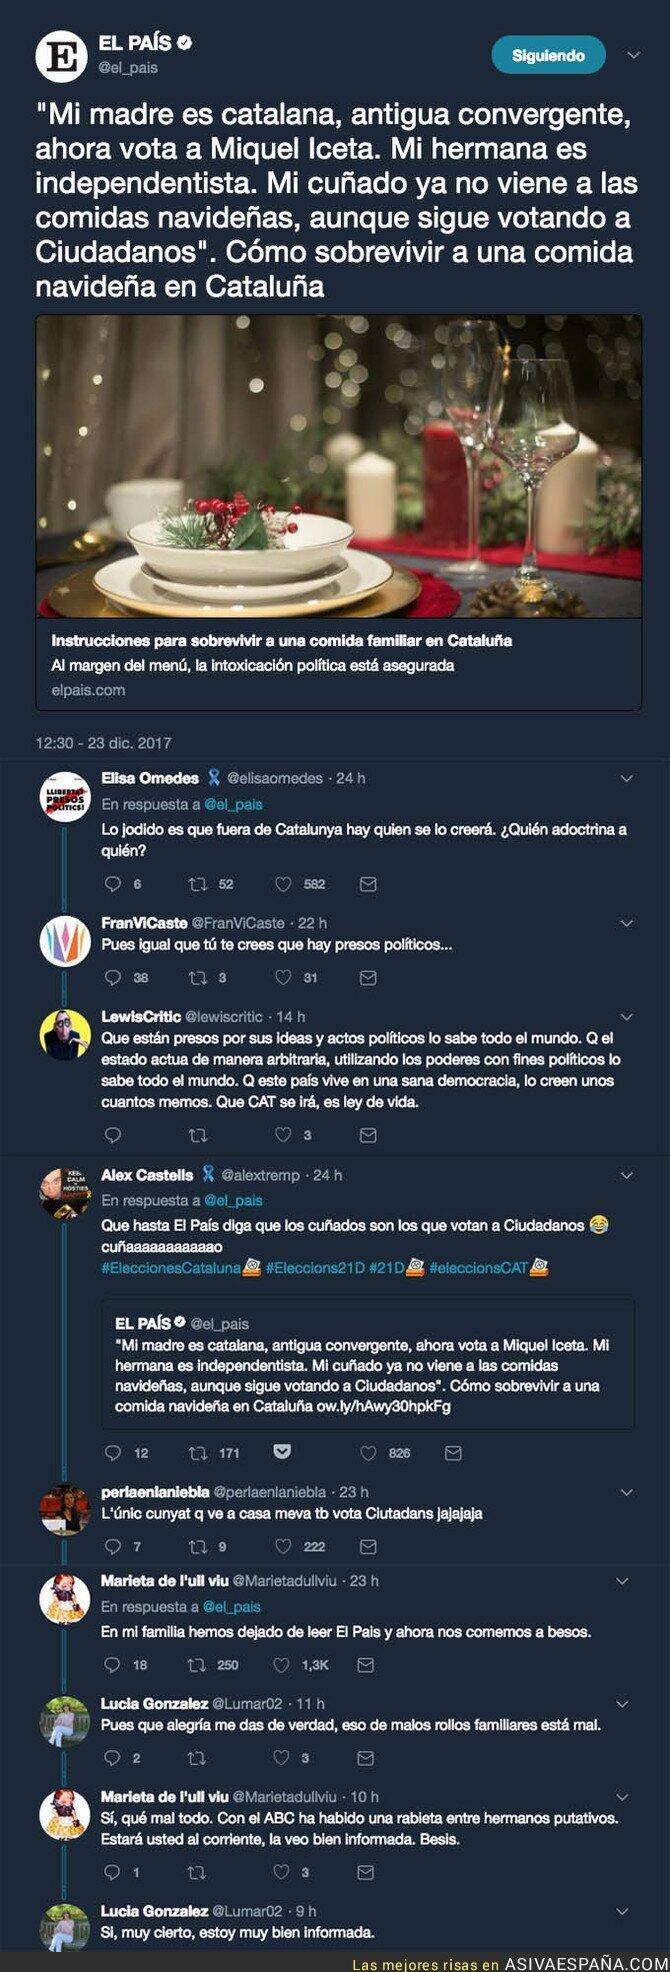 80537 - 'El País' la vuelve a liar hablando sobre la cena de Navidad en Catalunya